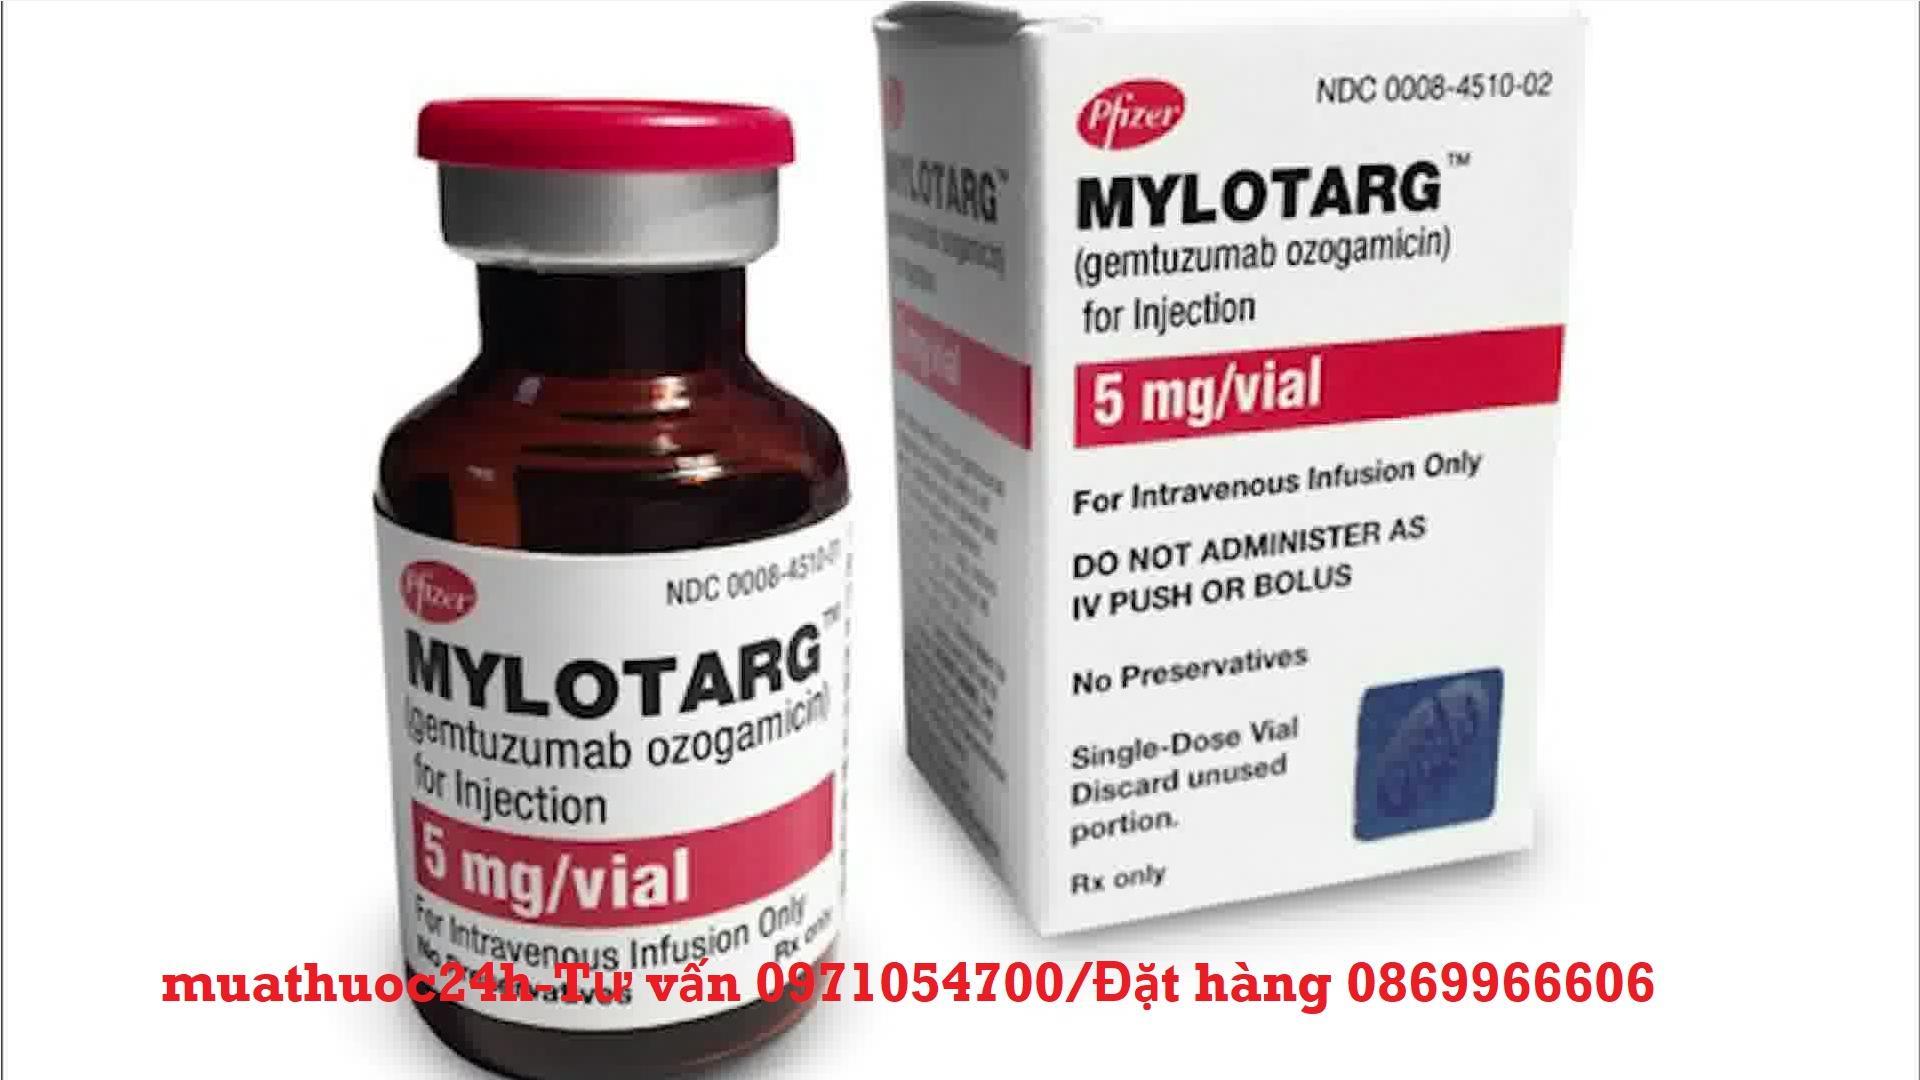 Thuốc Mylotarg Gemtuzumab ozogamicin giá bao nhiêu mua ở đâu?